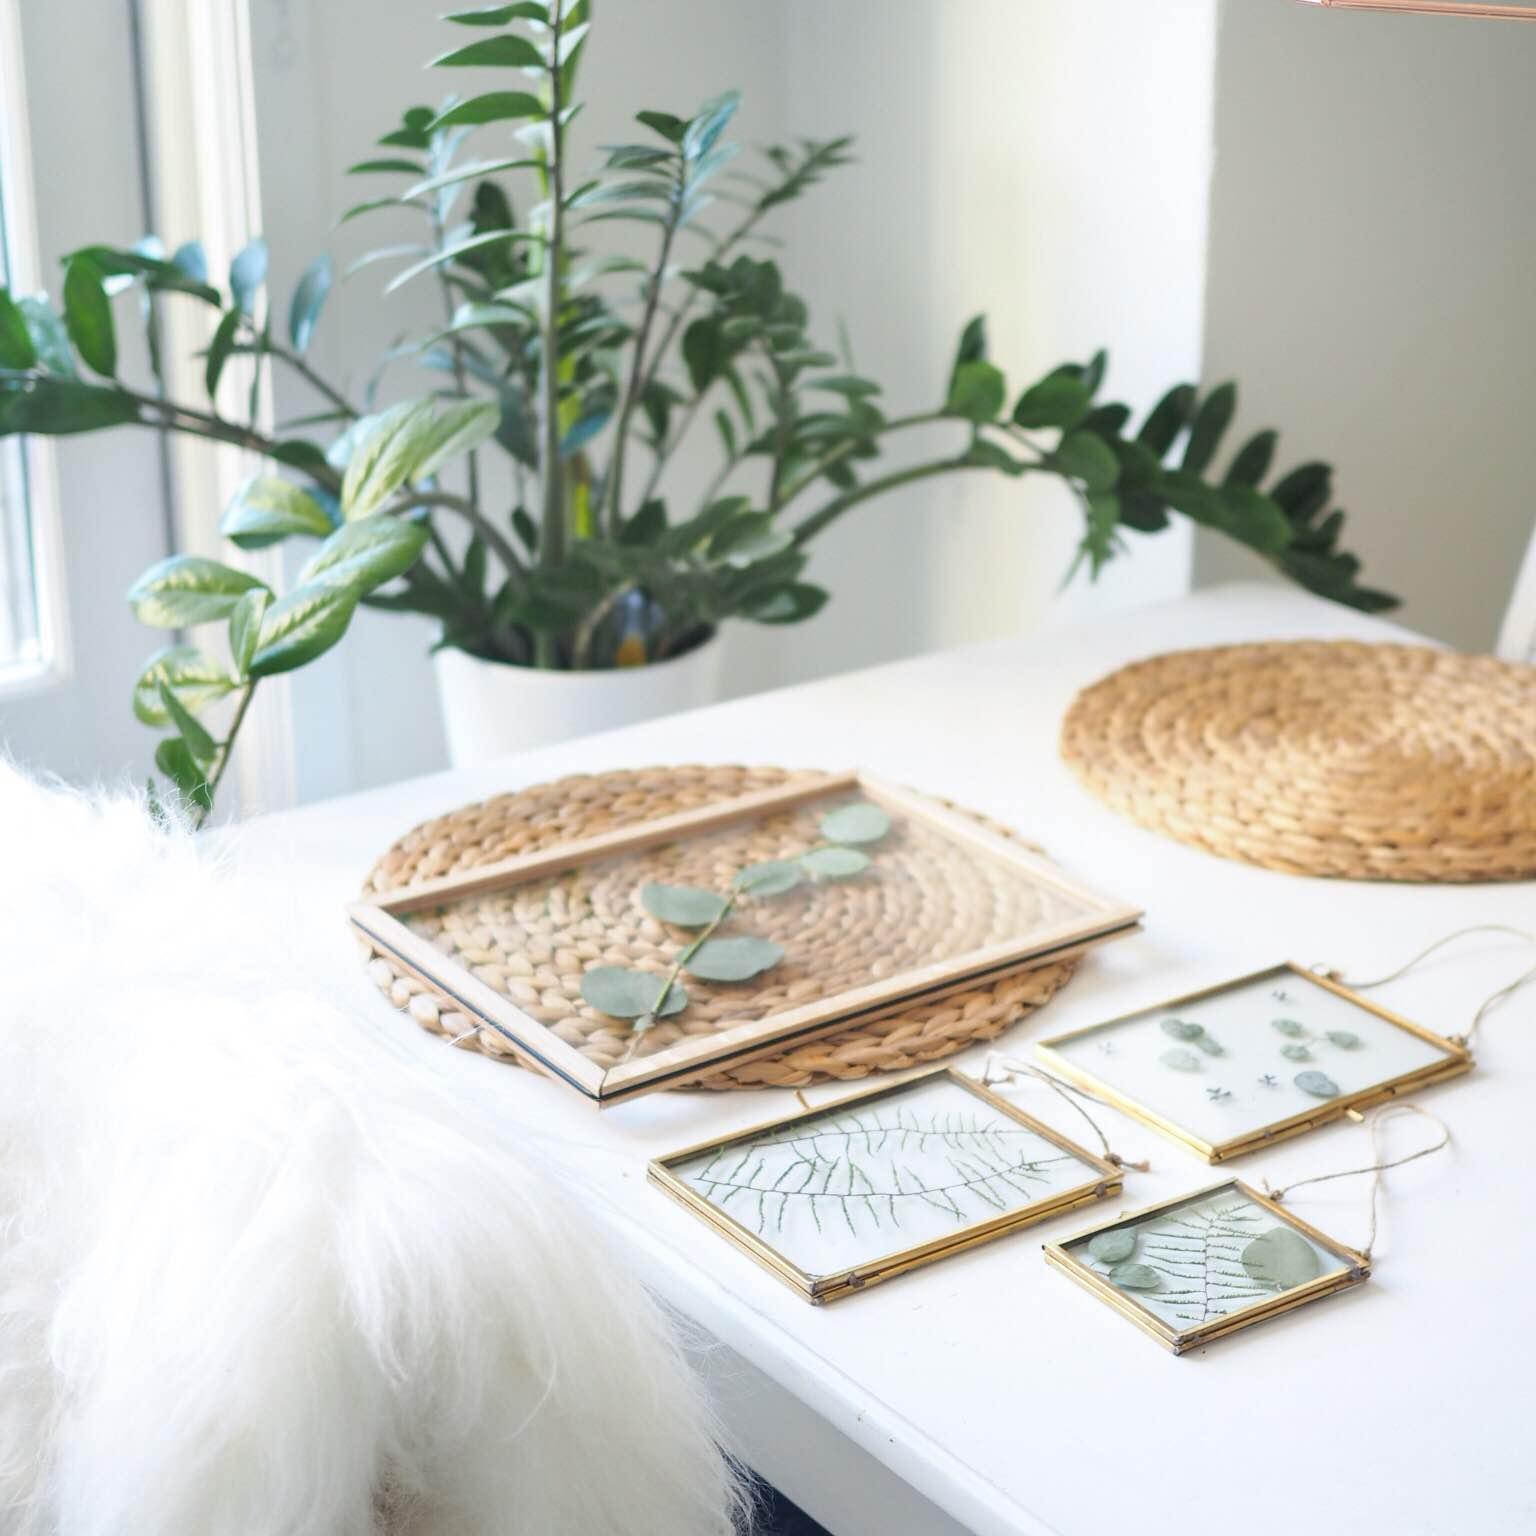 Transparente rammer med planter